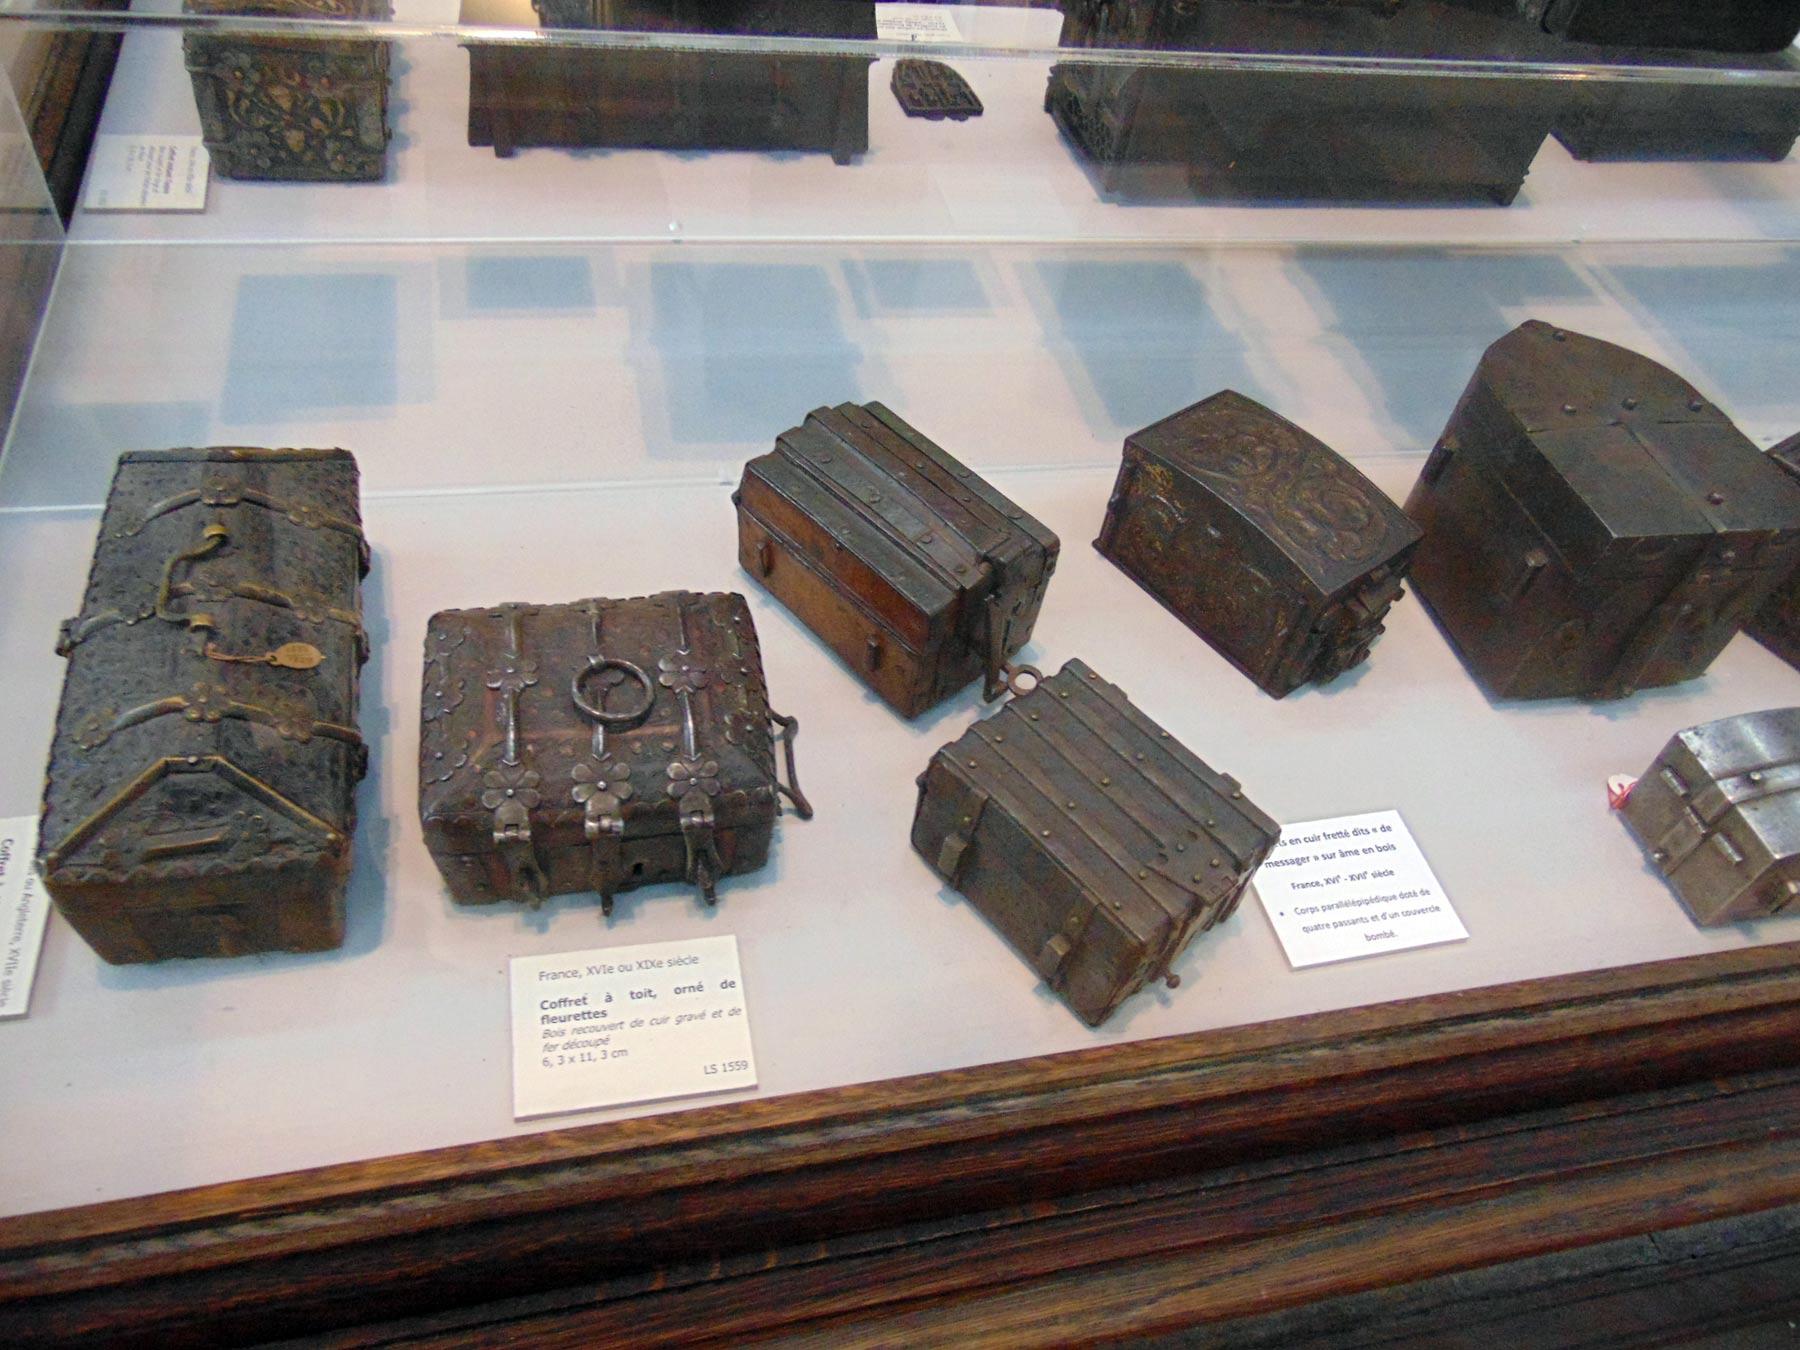 антикварные художественные изделия из железа